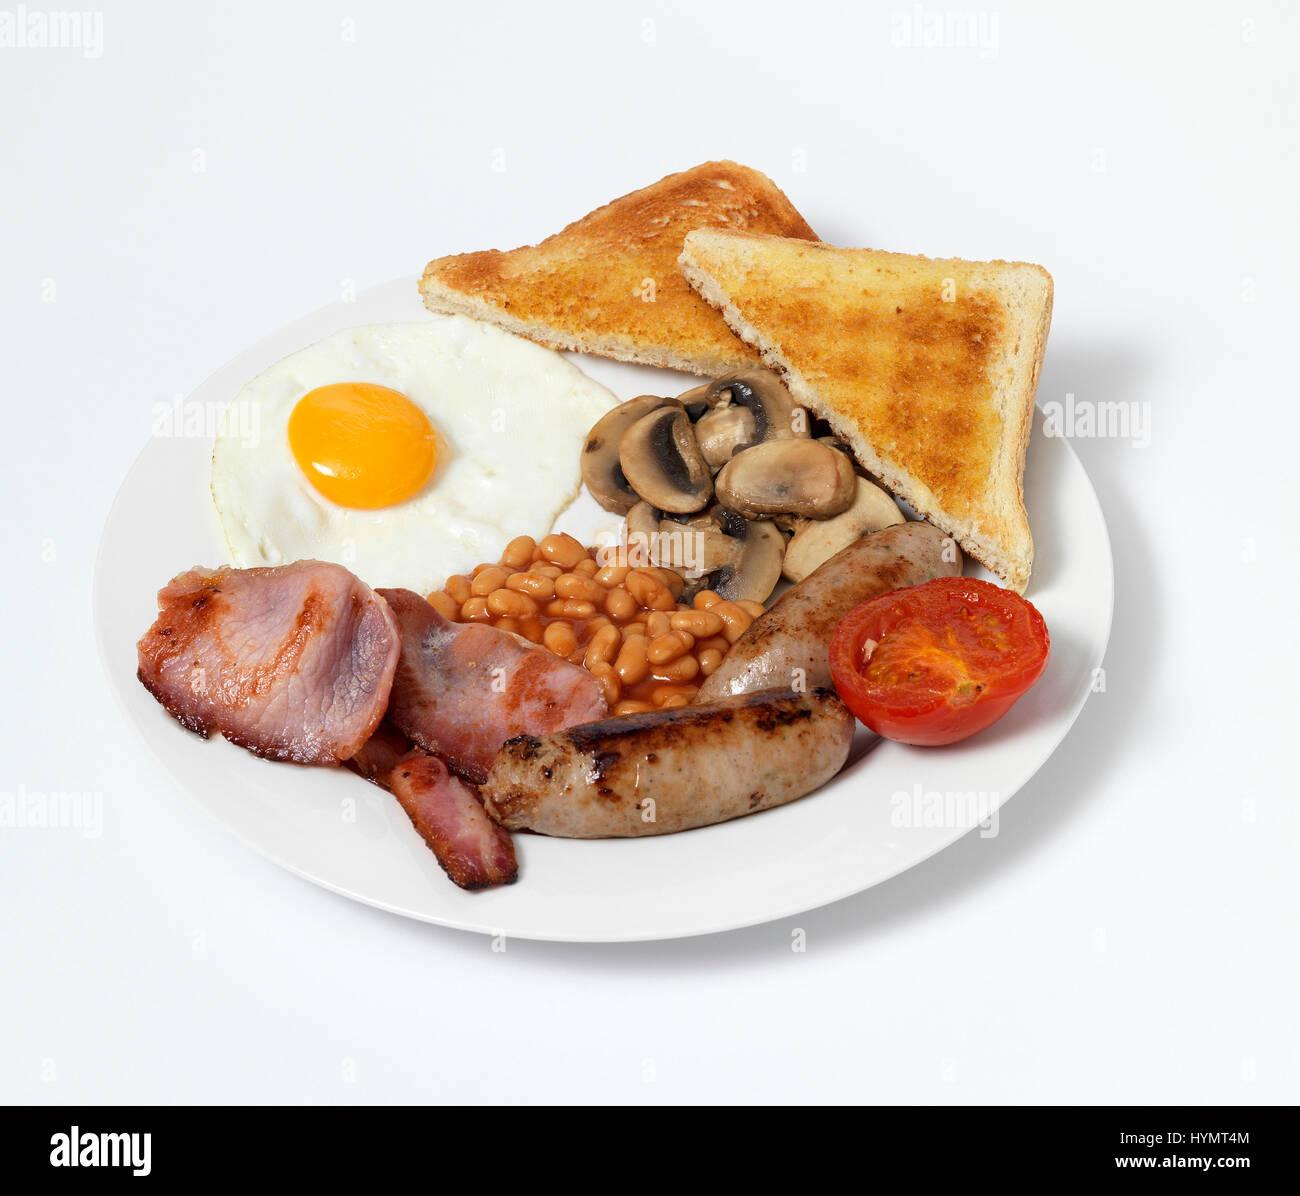 Desayuno frito sobre placa blanca. Foto de stock